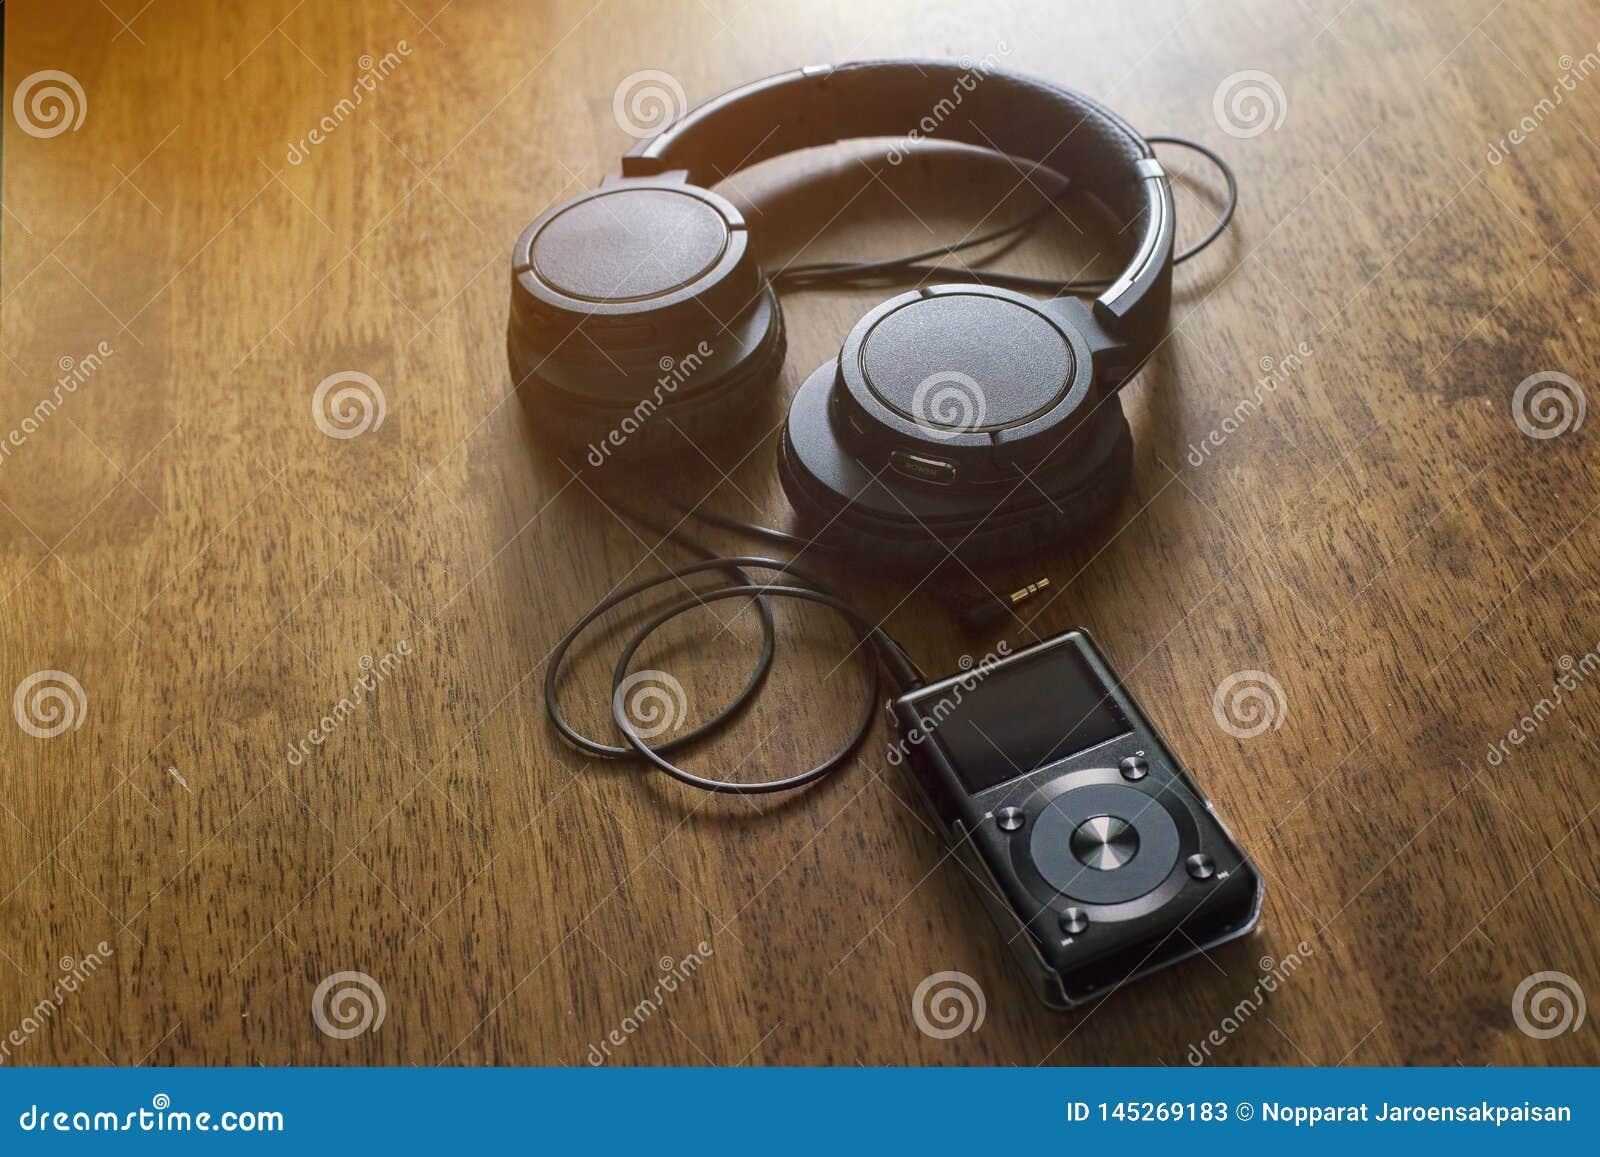 Mp3 muziekspeler met hoofdtelefoon